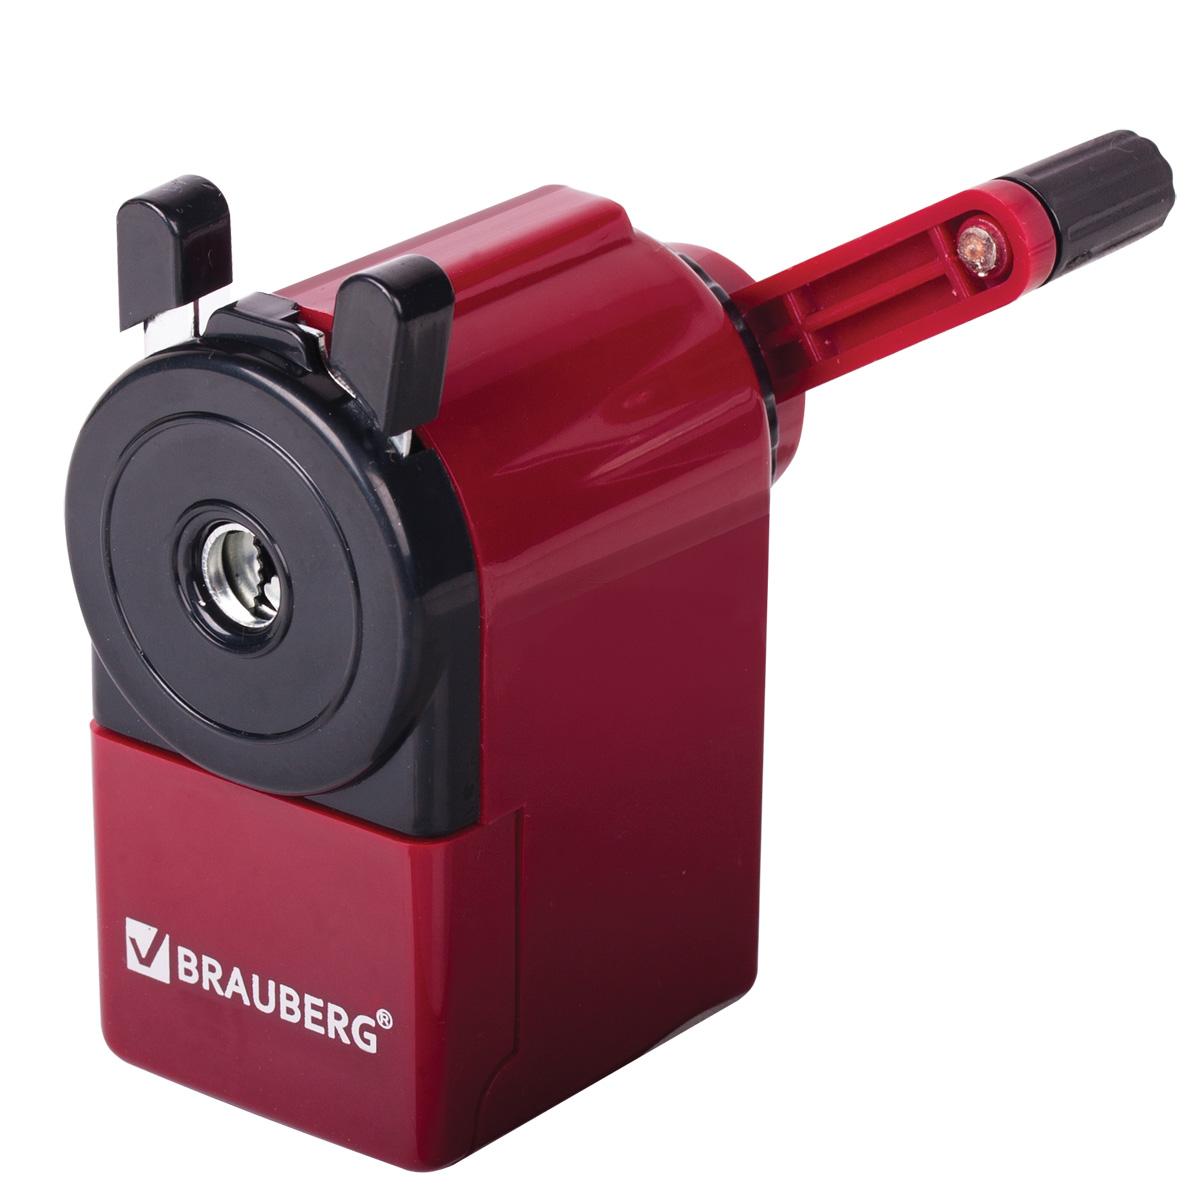 Brauberg Точилка222517Невероятно удобная и стильная точилка. Вращающийся роликовый нож изготовлен из высококачественной стали, что обеспечивает великолепную заточку.•Качественный металлический затачивающий механизм. •Пластиковый корпус. •Вместительный контейнер для сбора стружки. •Цвет - бордовый (с черными деталями). •Размер - 4,5х9,5х9 см.